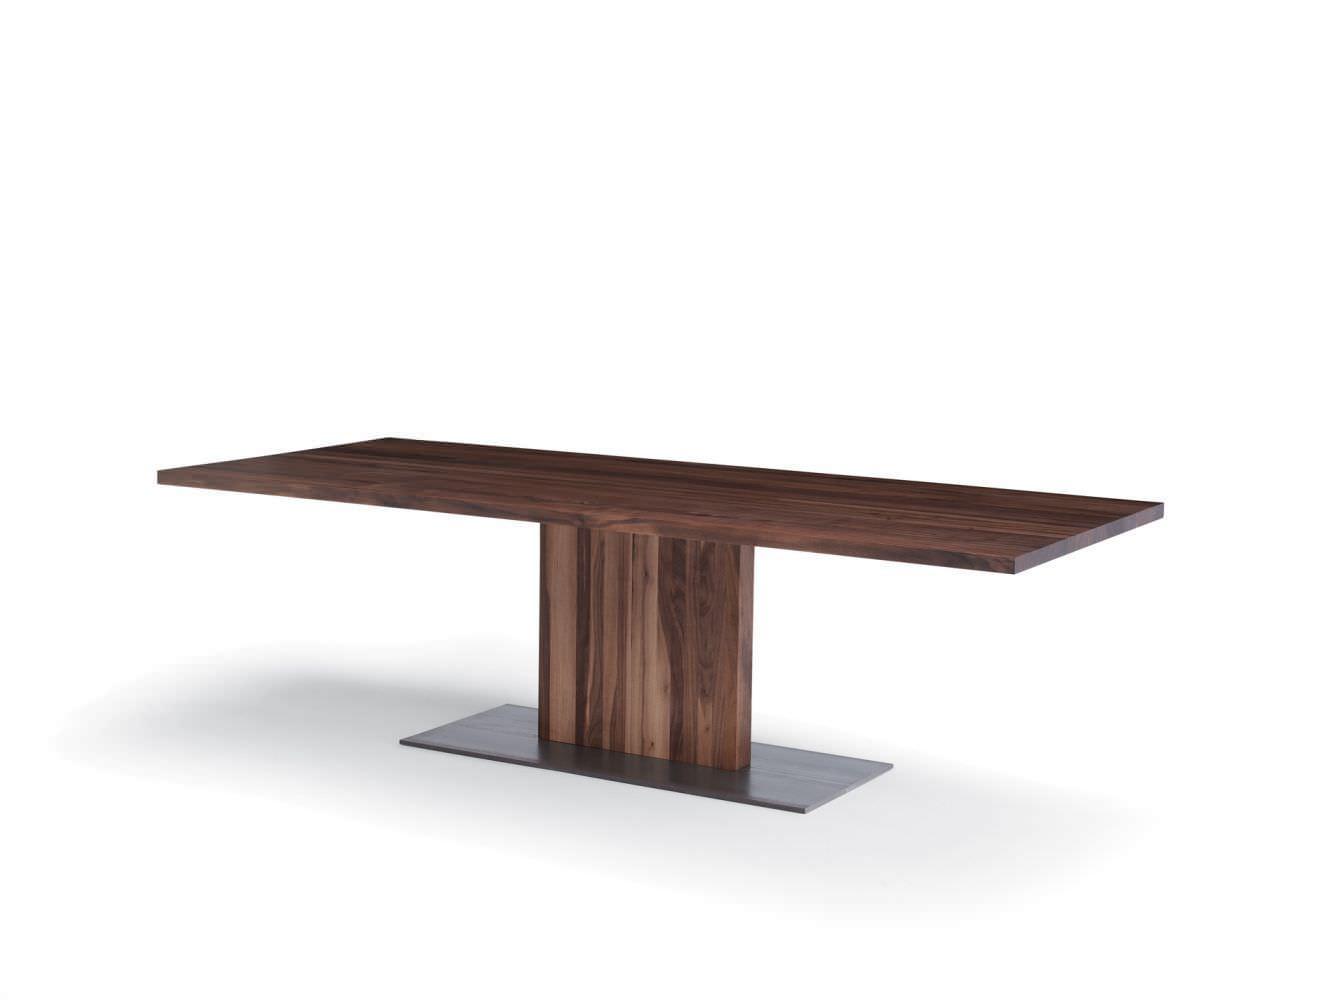 Großartig ... Moderner Tisch / Massivholz / Oval / Rechteckig PARSIFAL Riva Industria  Mobili ...